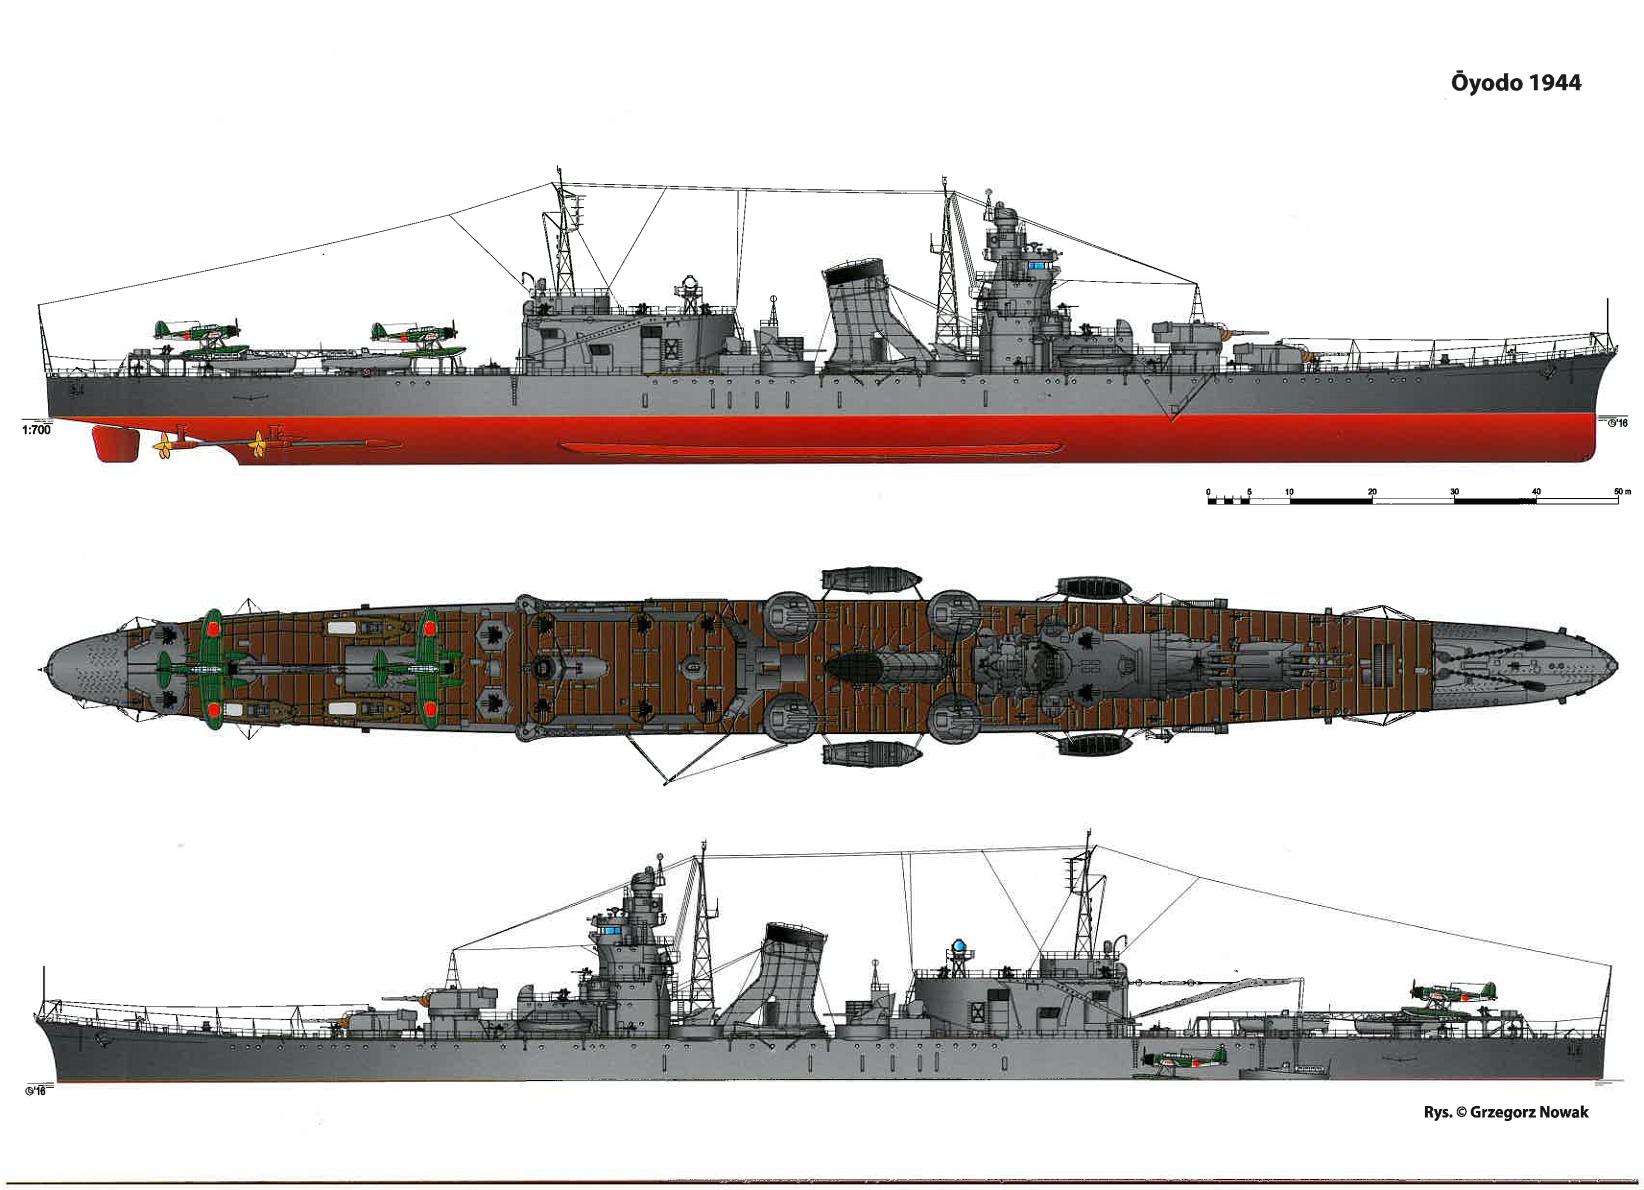 medium resolution of ijn light cruiser oyodo soviet navy heavy cruiser imperial japanese navy